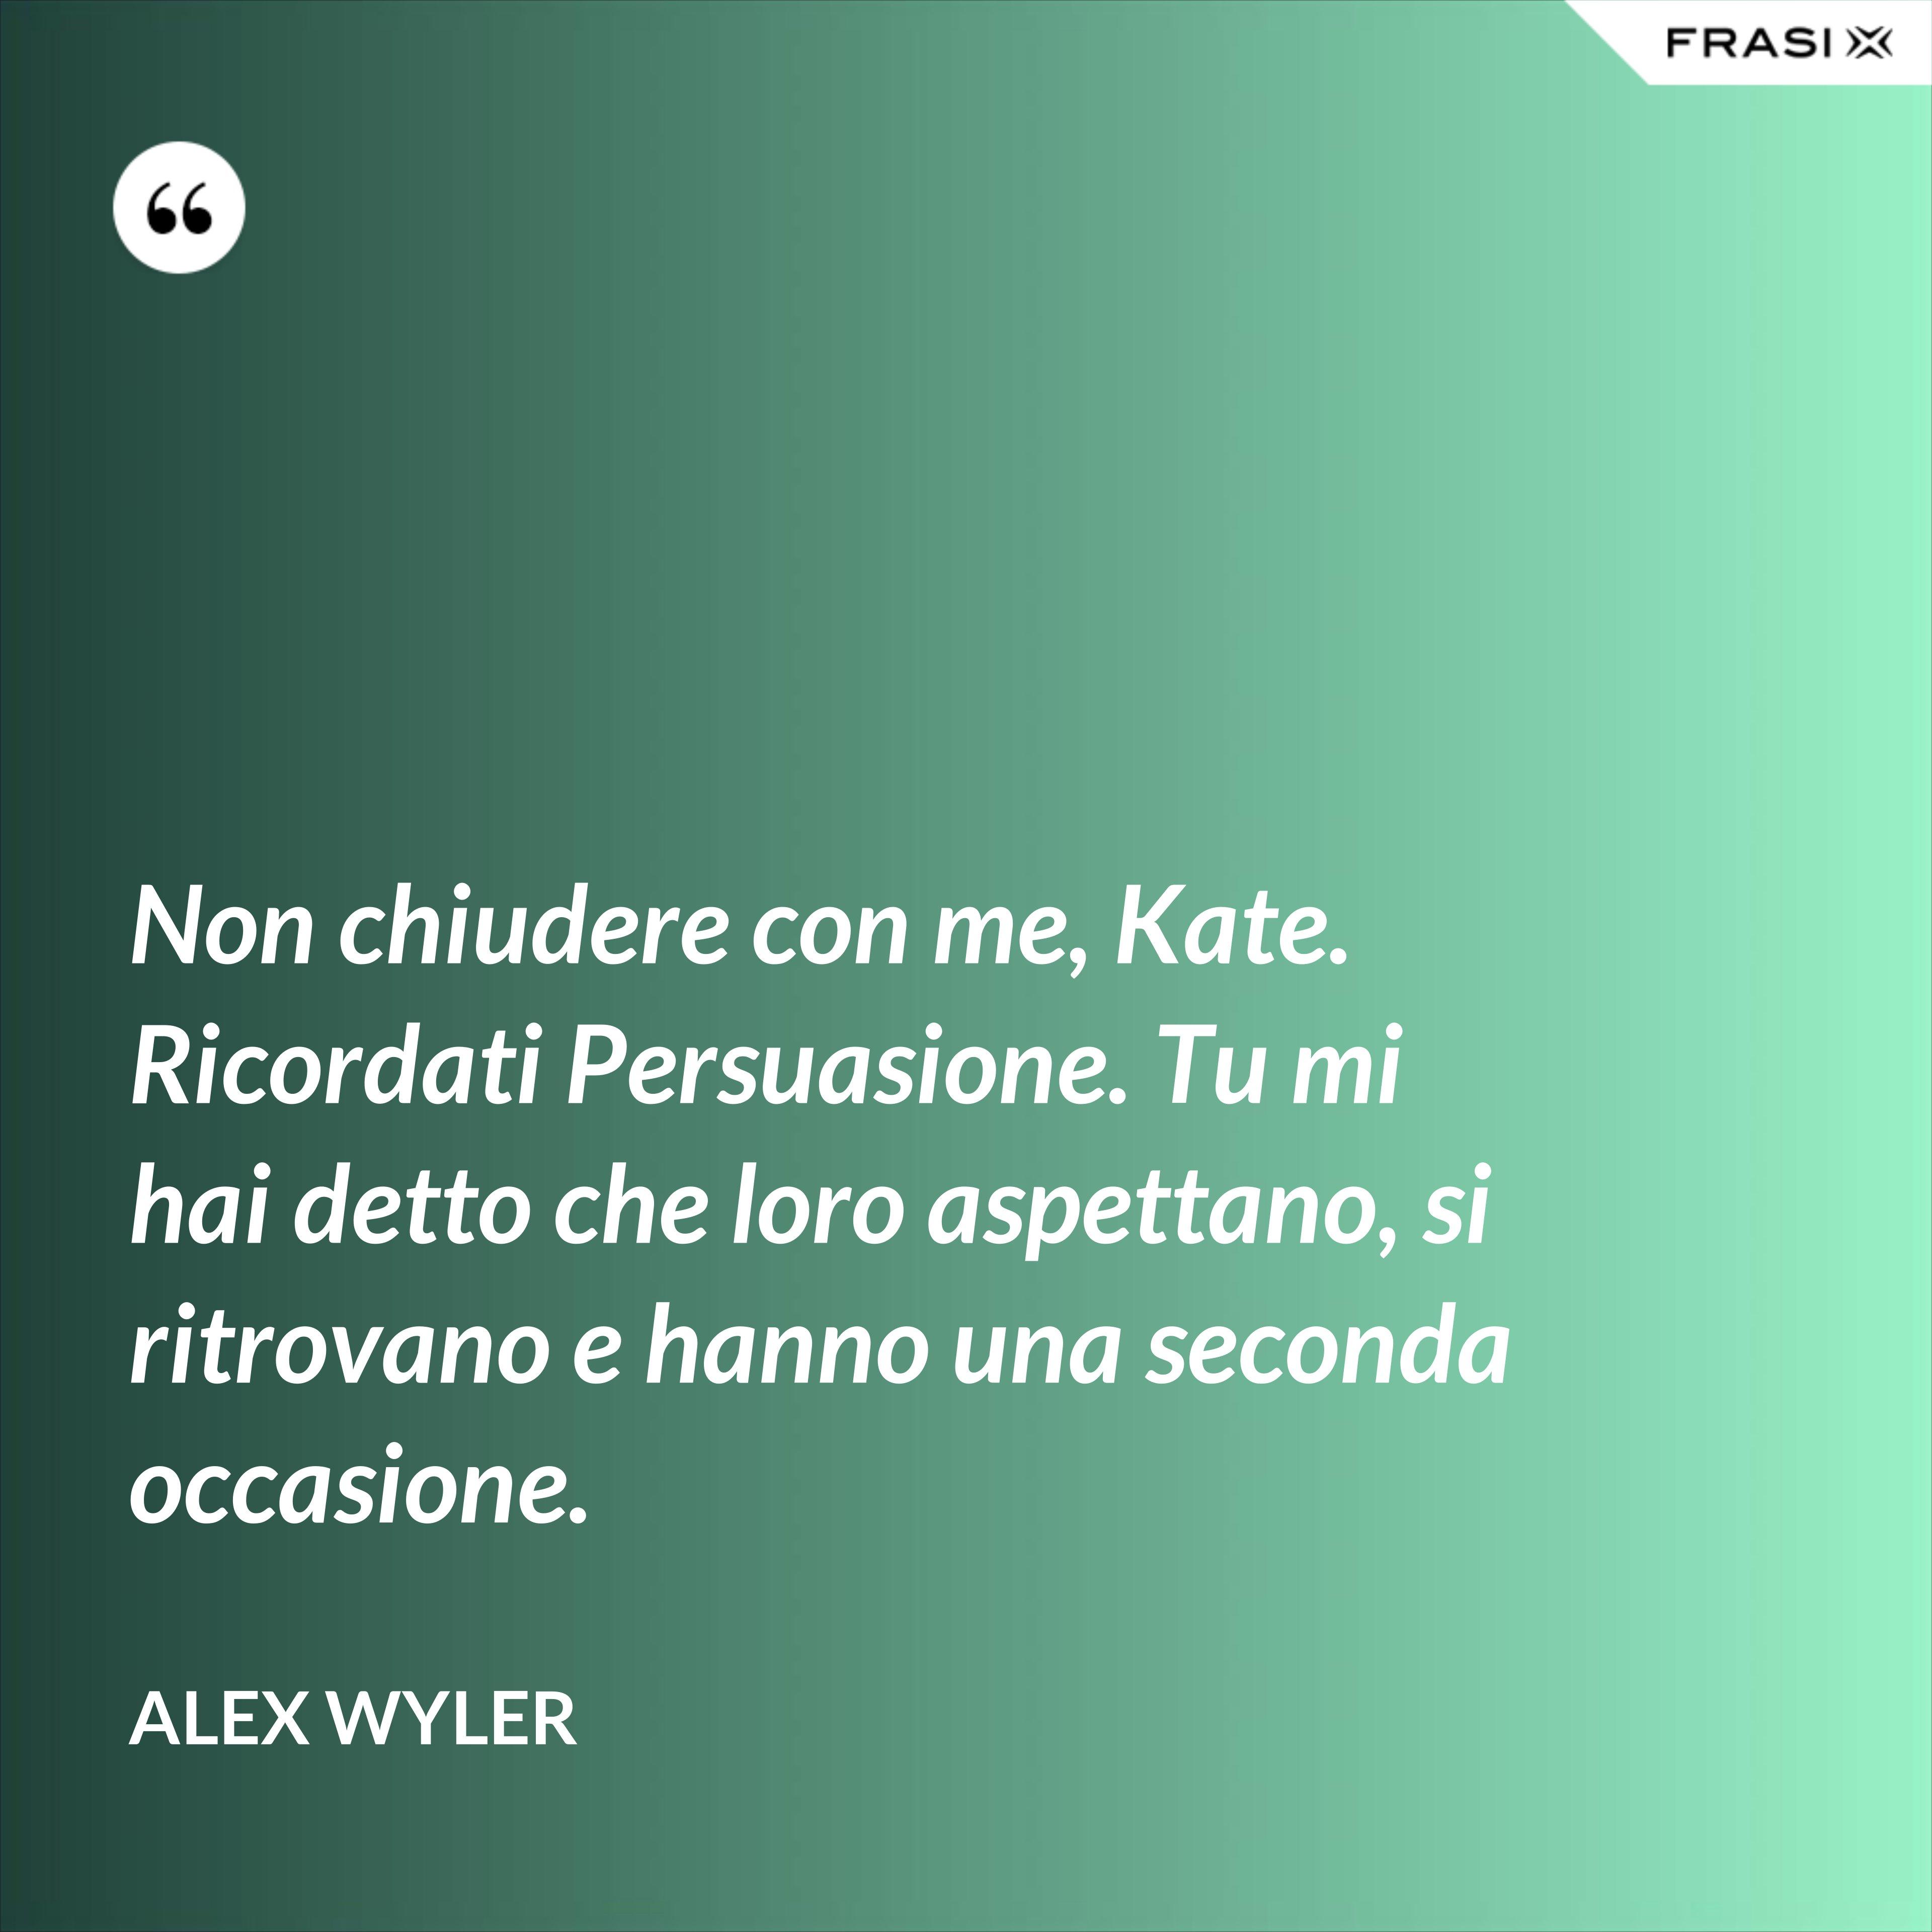 Non chiudere con me, Kate. Ricordati Persuasione. Tu mi hai detto che loro aspettano, si ritrovano e hanno una seconda occasione. - Alex Wyler